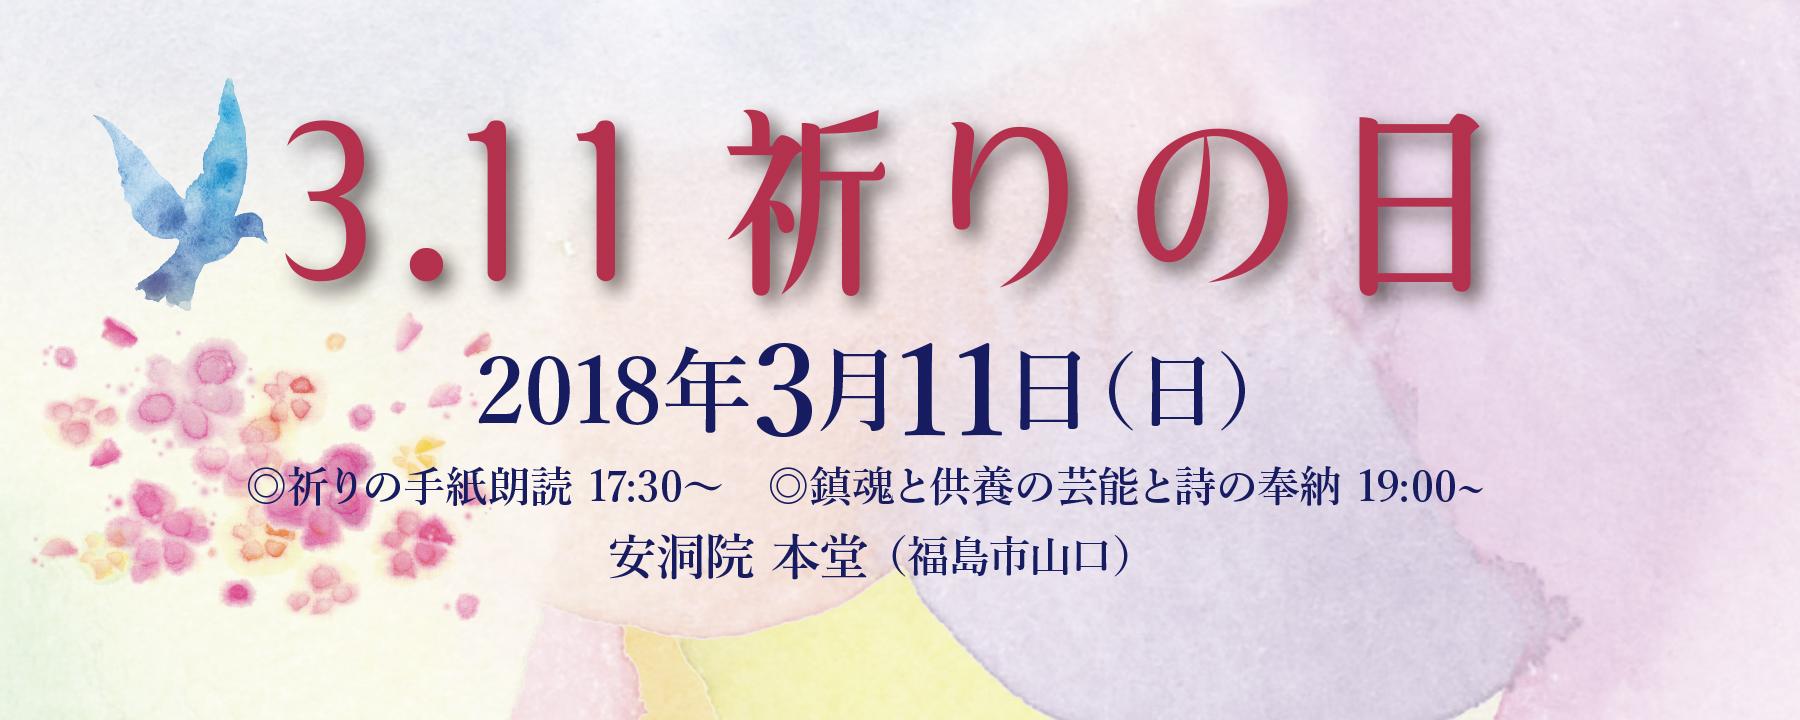 2018年3月11日(日)未来の祀りカフェ.vol5(通算10回目)「3.11 祈りの日」参加者募集中です!